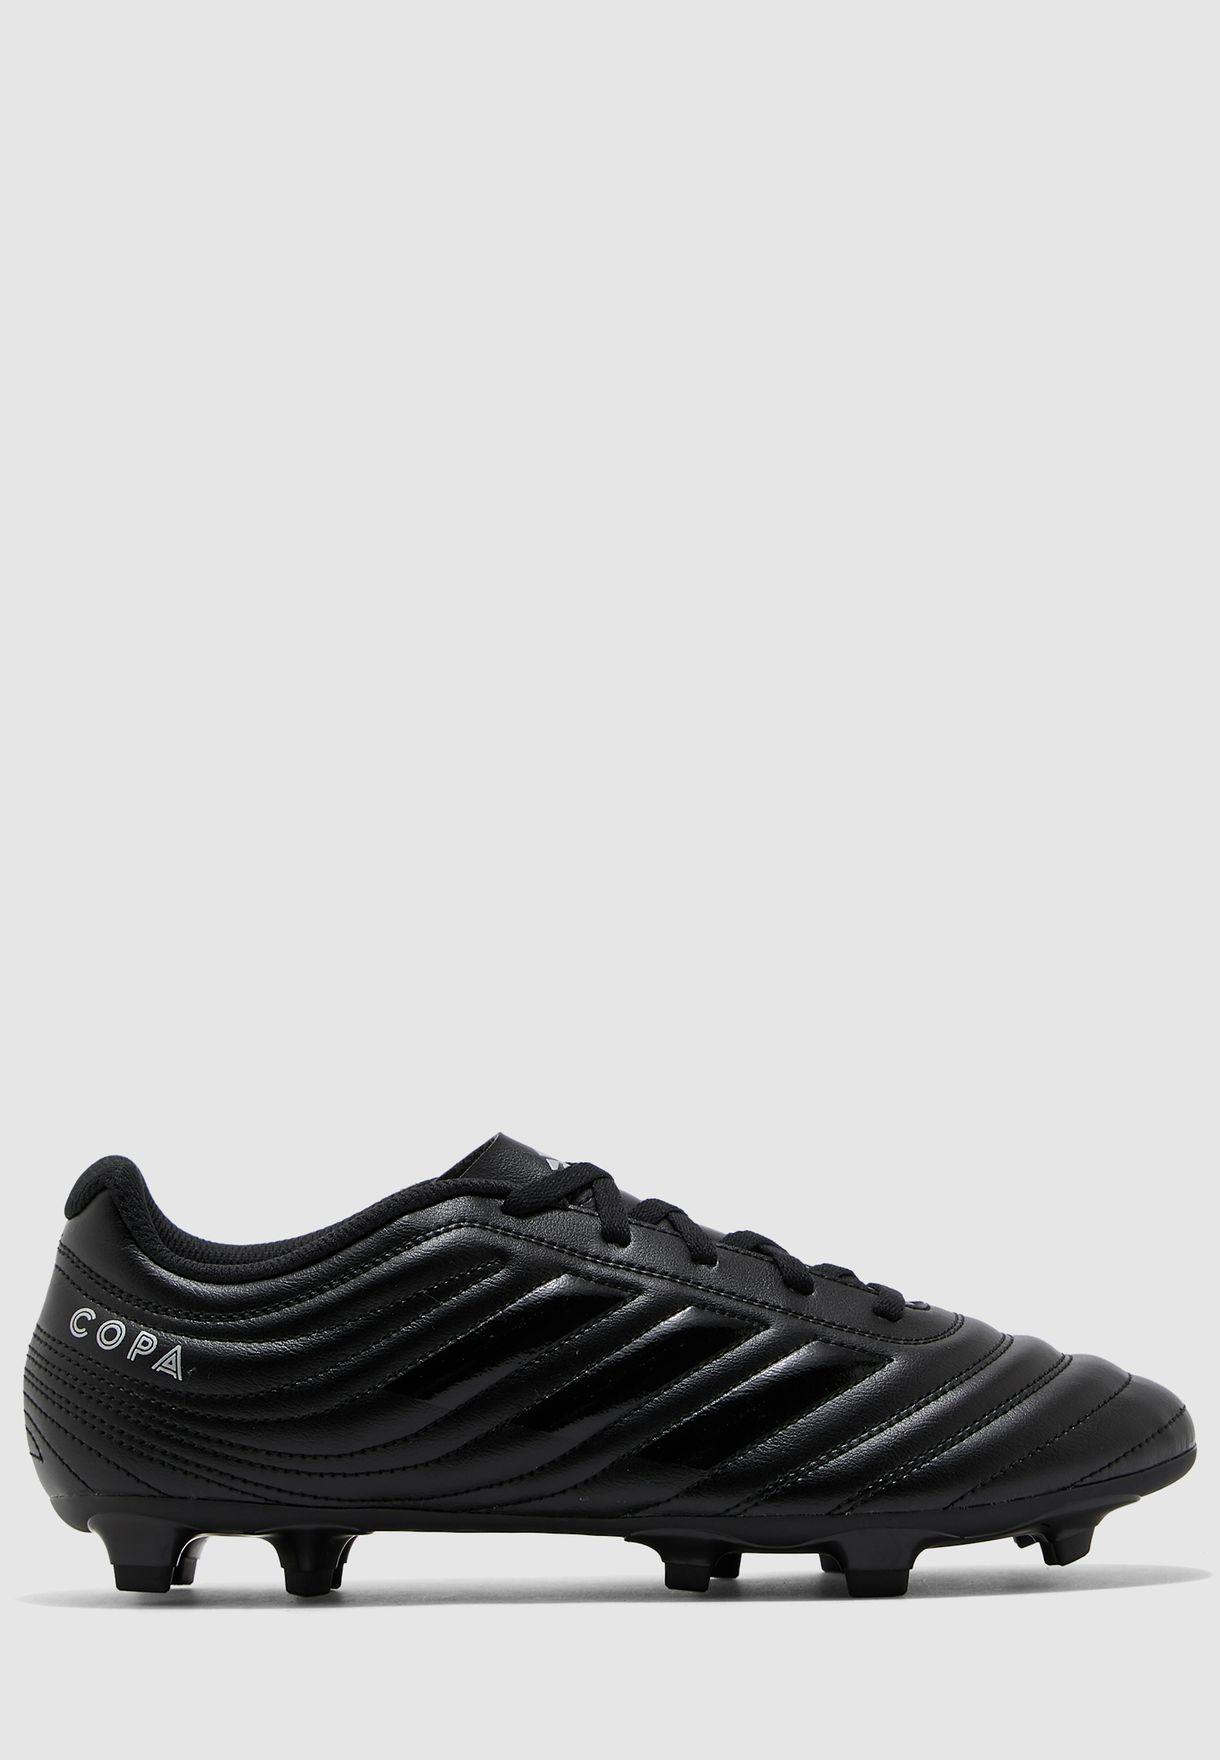 حذاء كوبا 19.4 للارض الصلبة